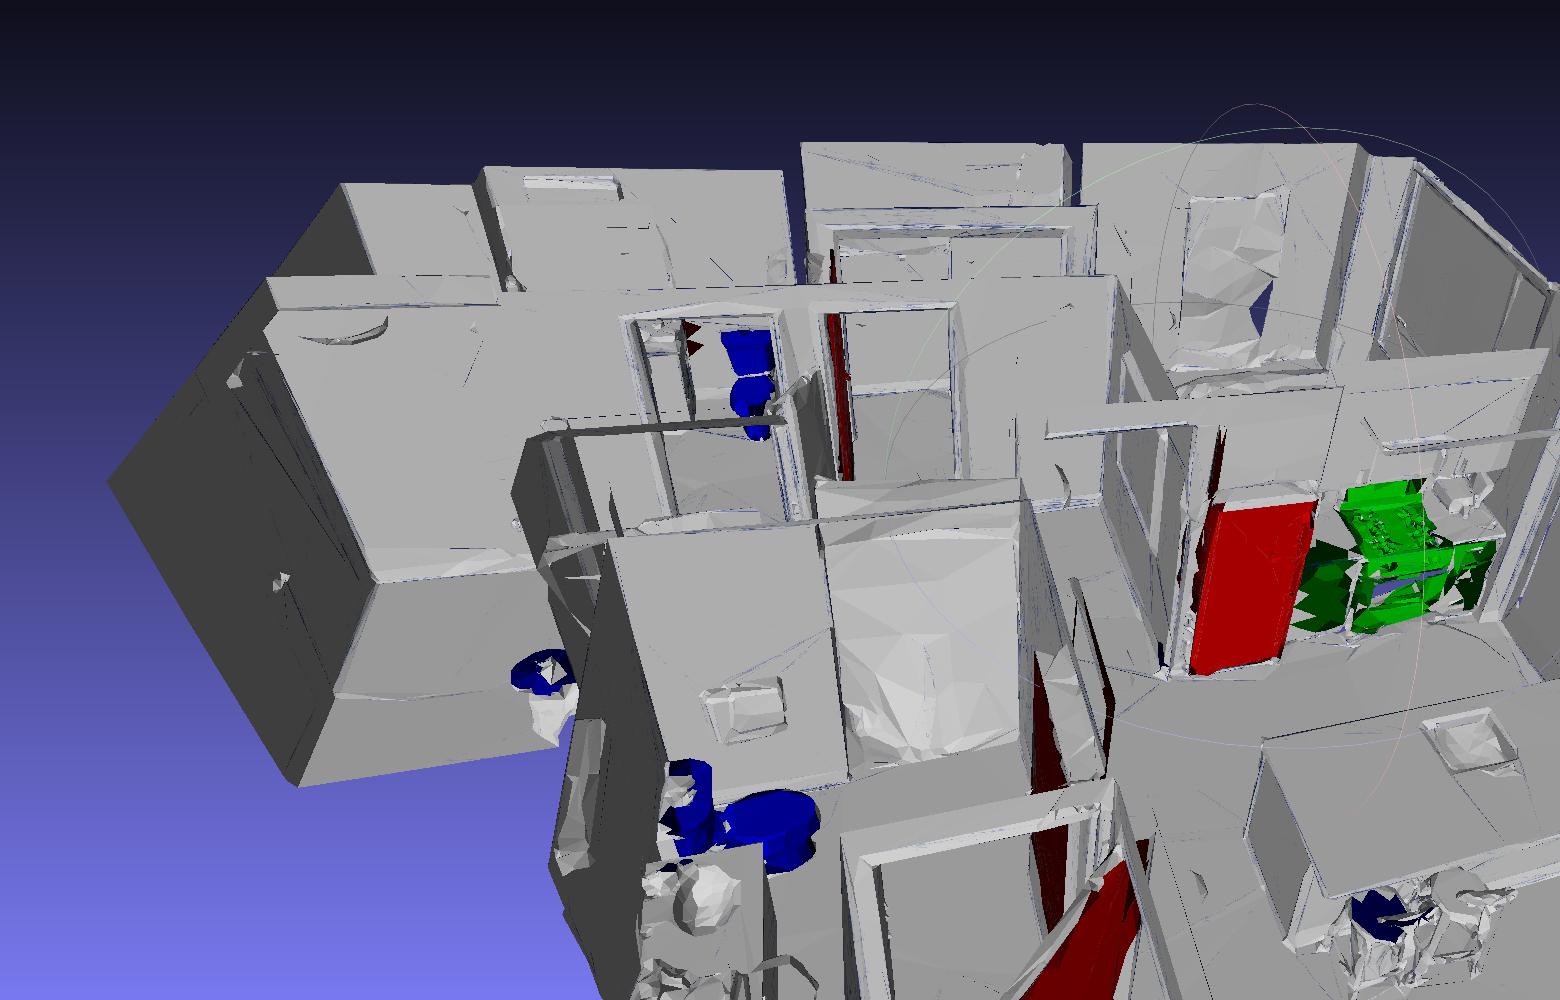 Announcing the Matterport3D Research Dataset - Matterport